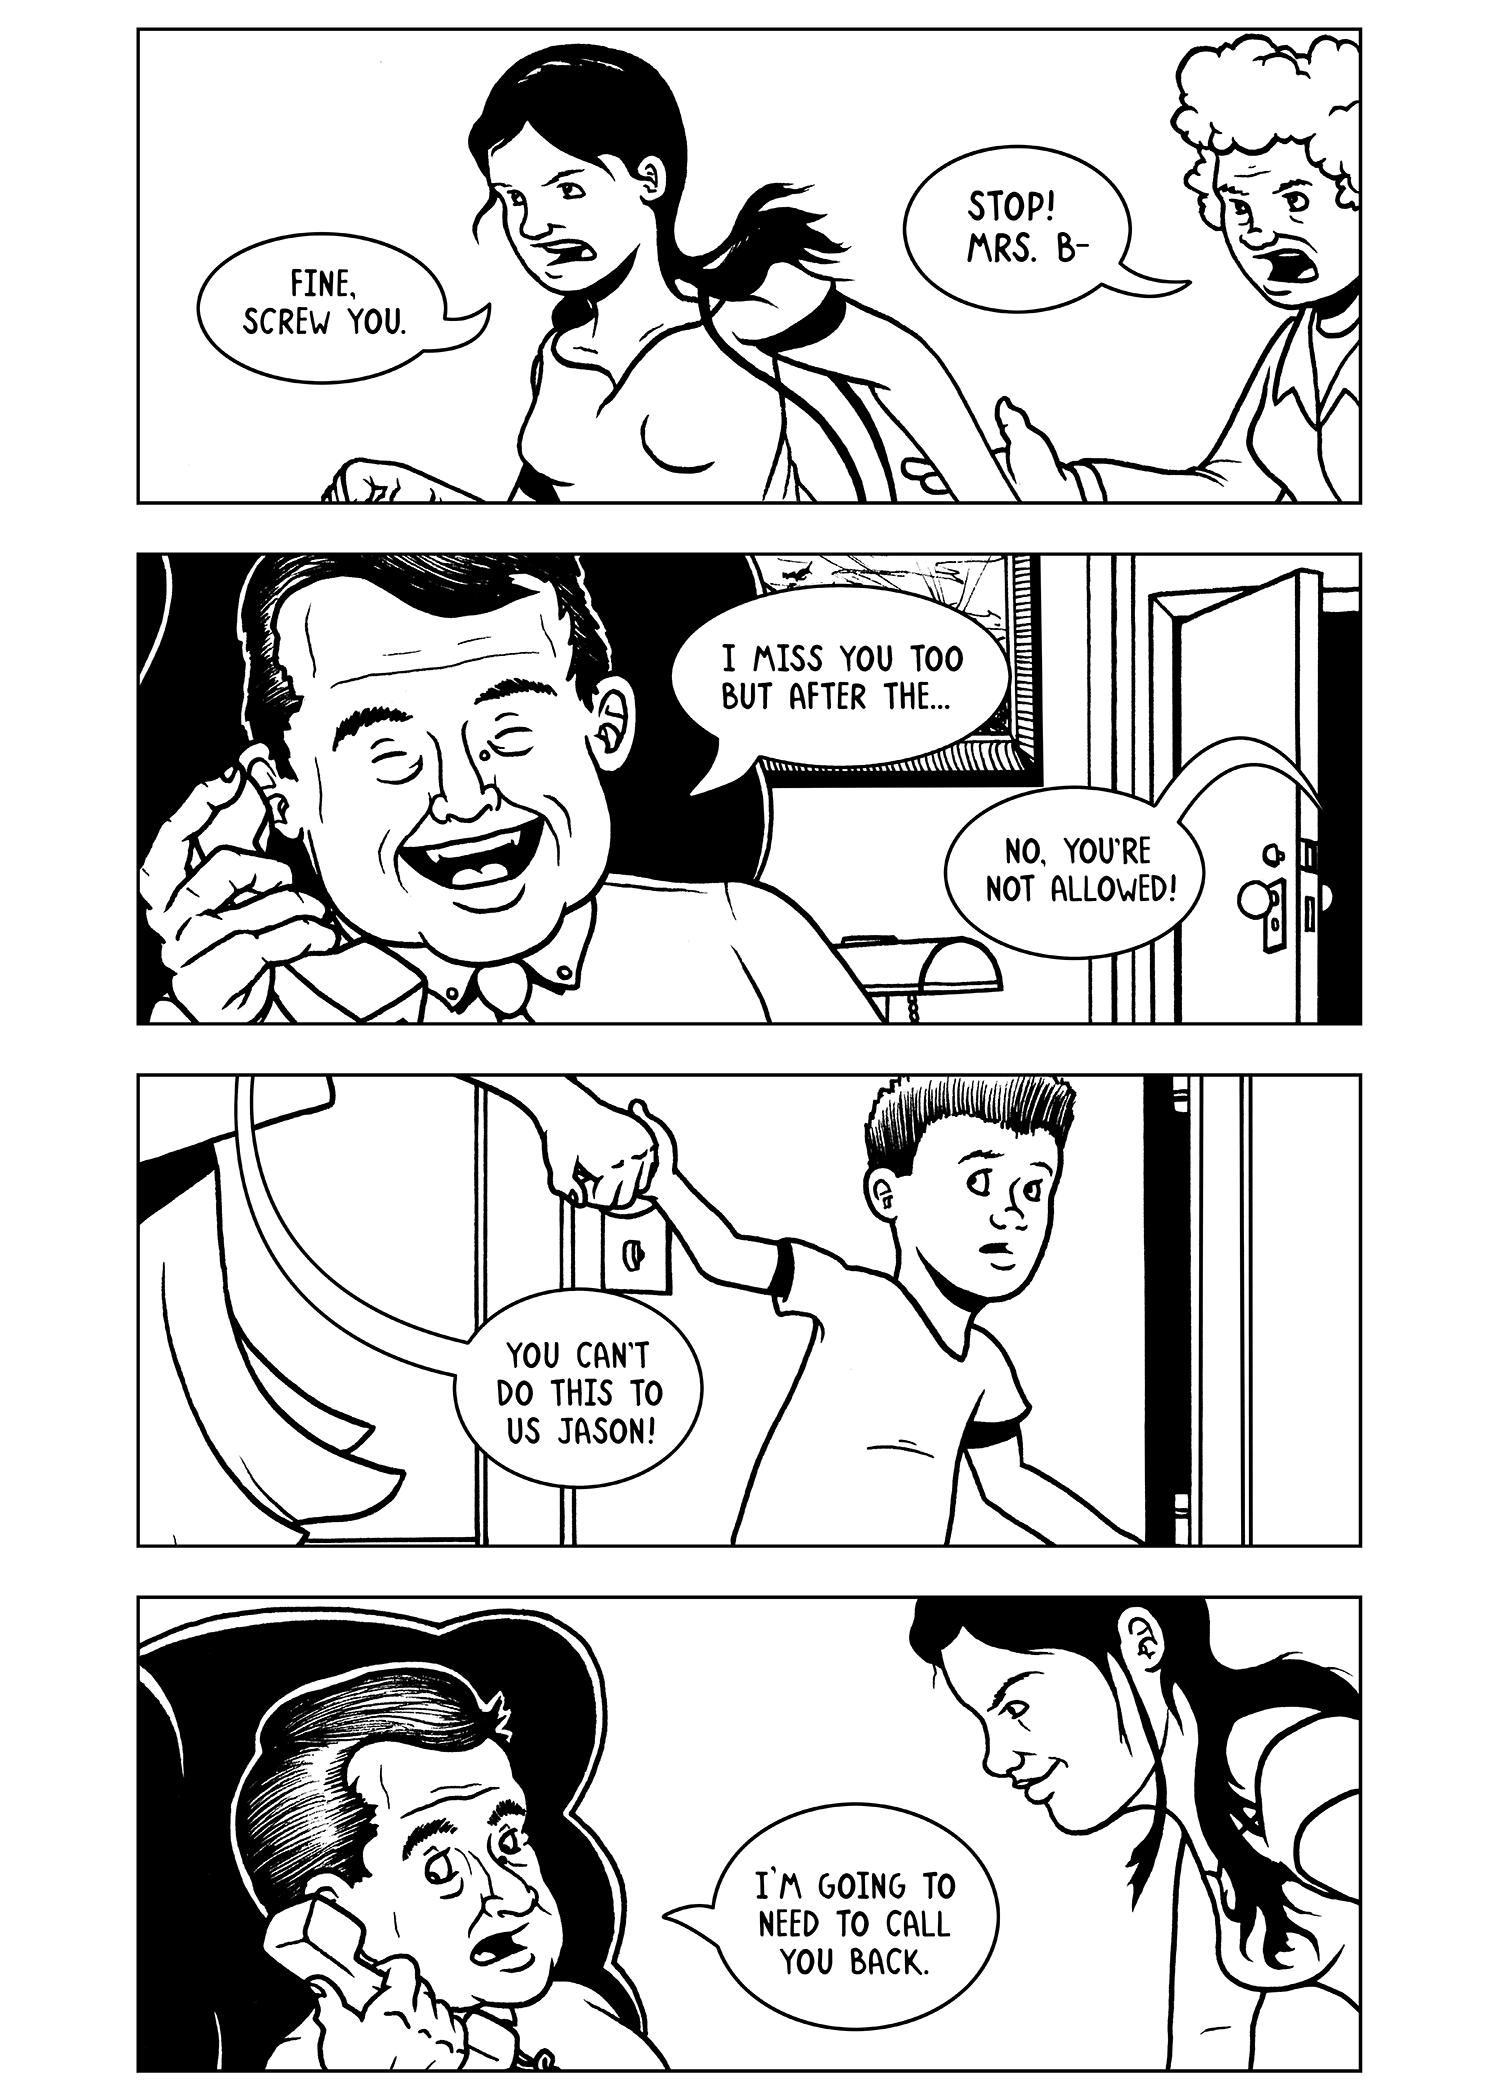 QWERTY_comic_02